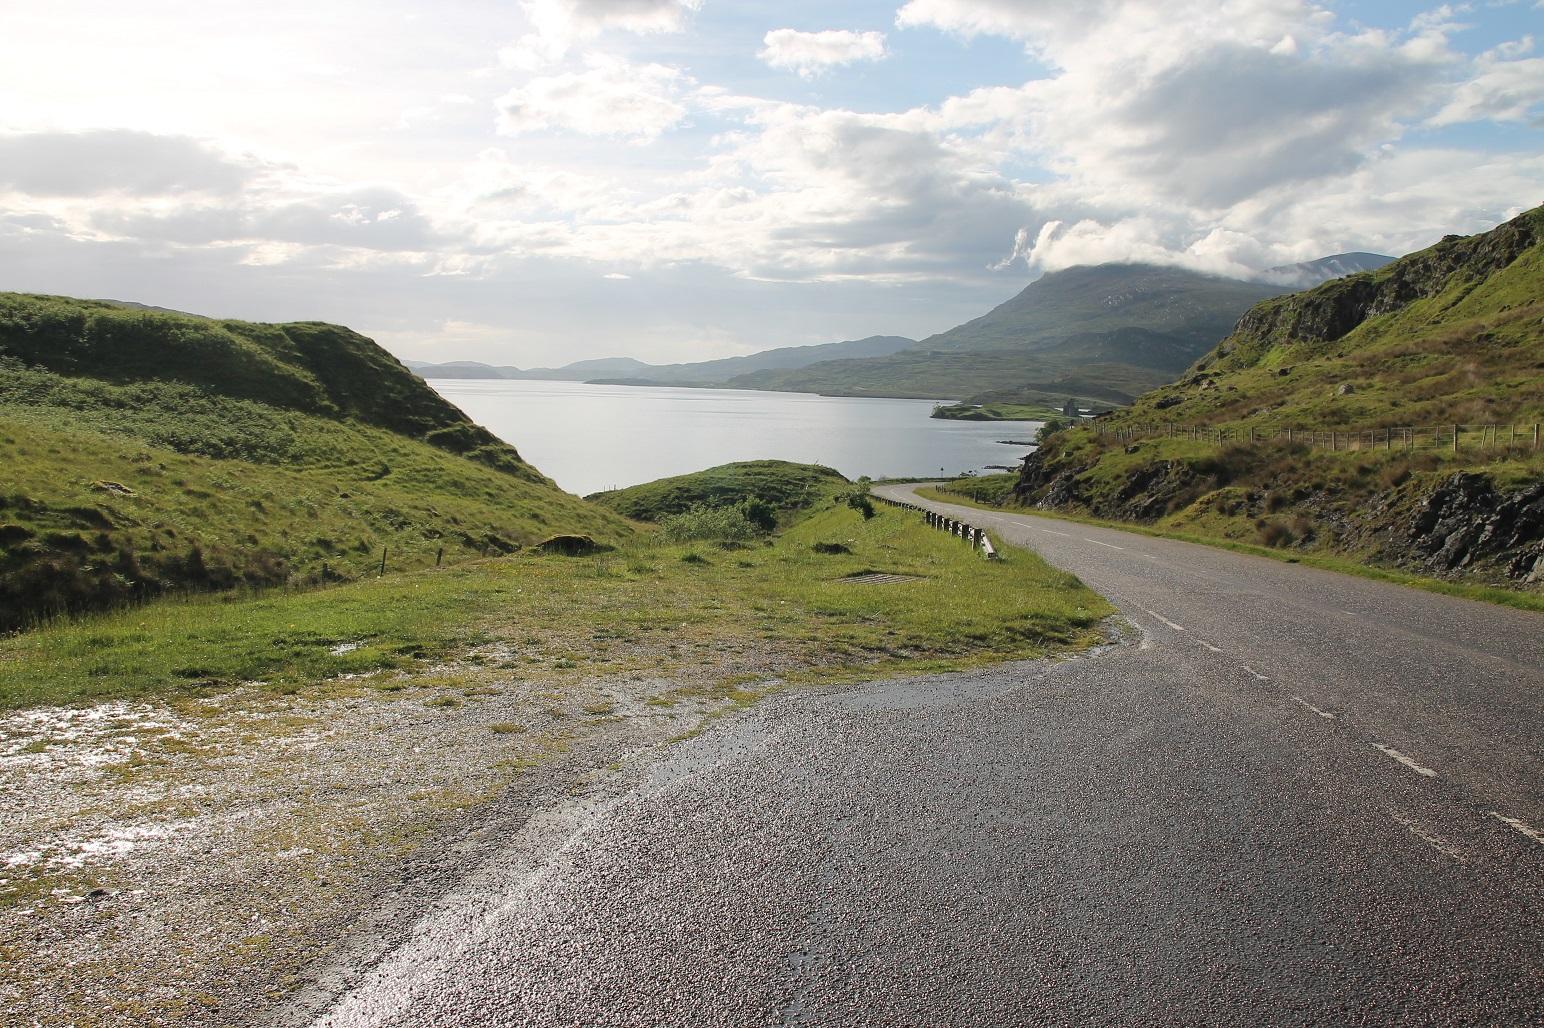 De mooie wegen van Noord-Schotland